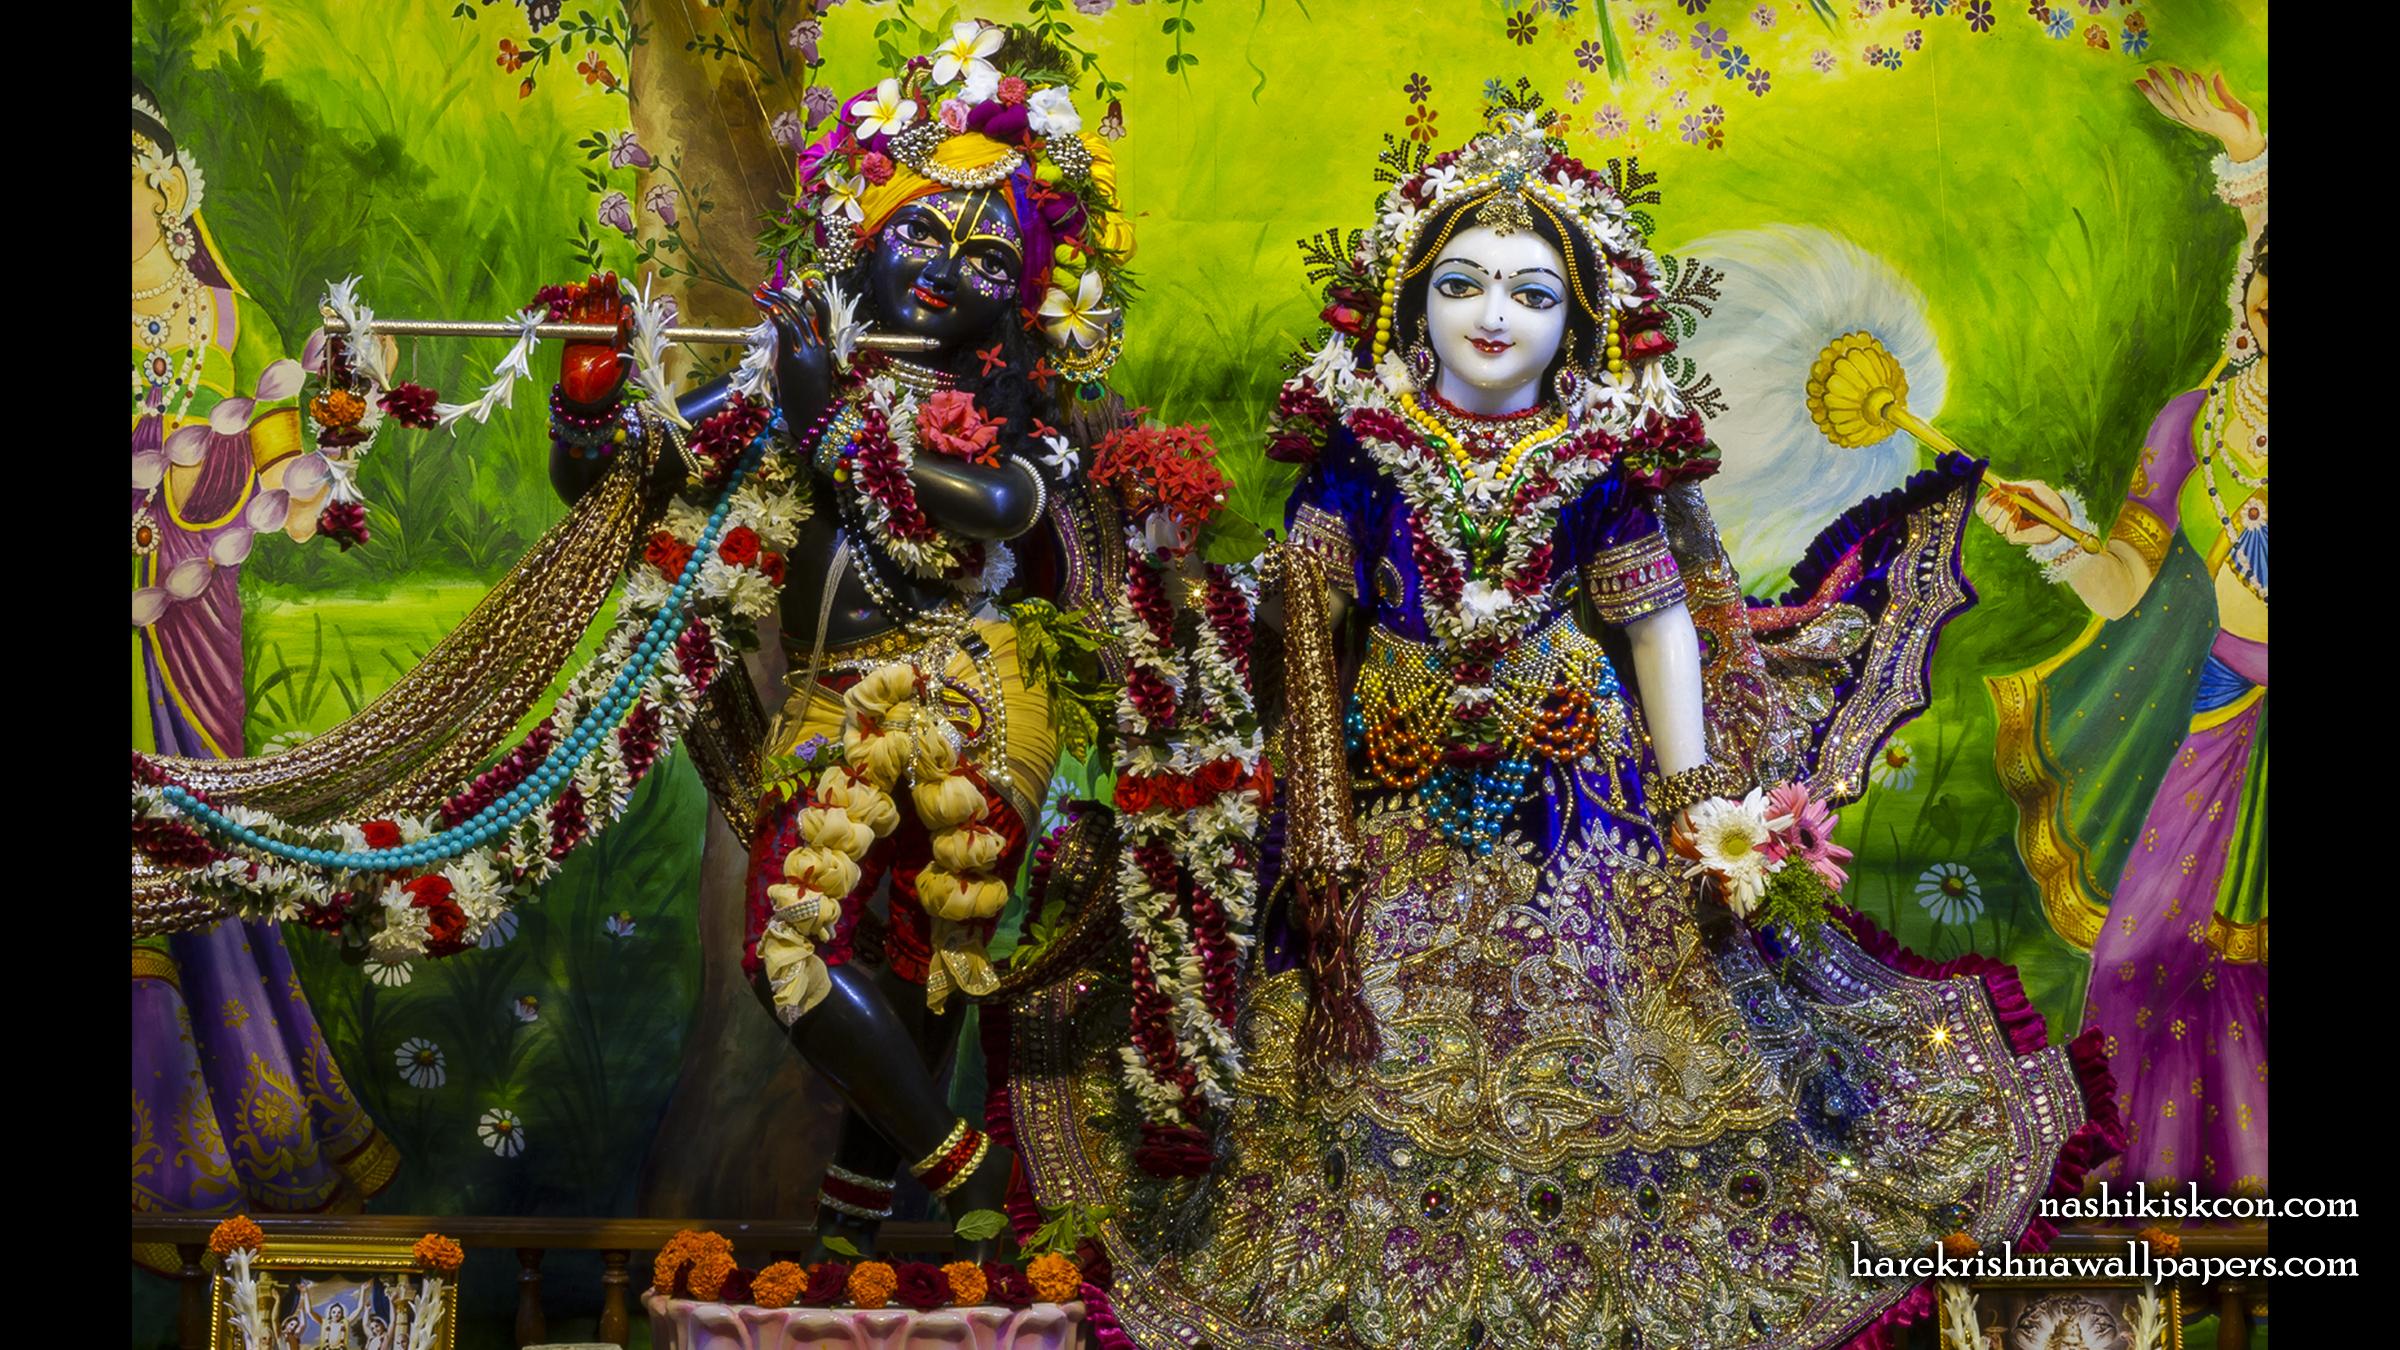 Sri Sri Radha Madan Gopal Wallpaper (022) Size 2400x1350 Download